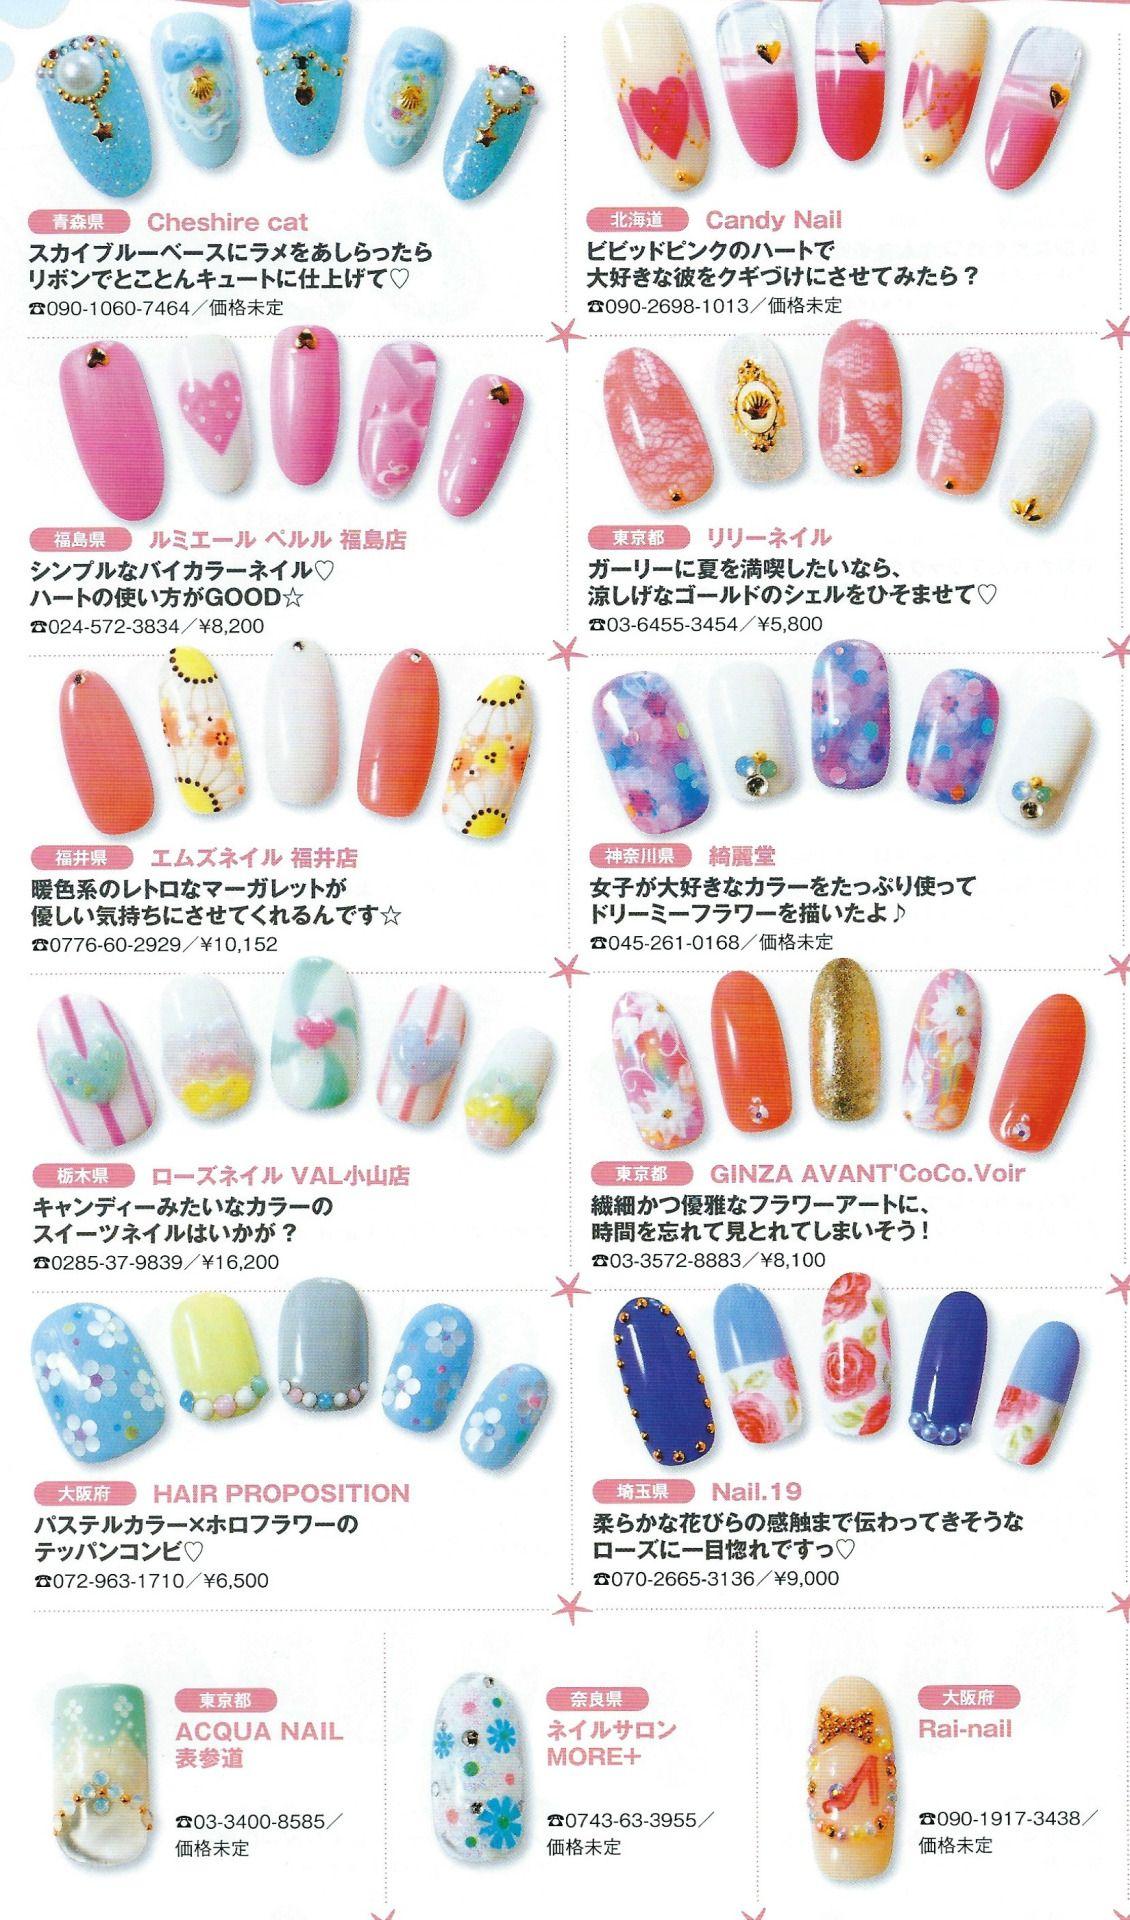 japanese nail art | Tumblr | Japanese Nail Art Magazine Scans ...